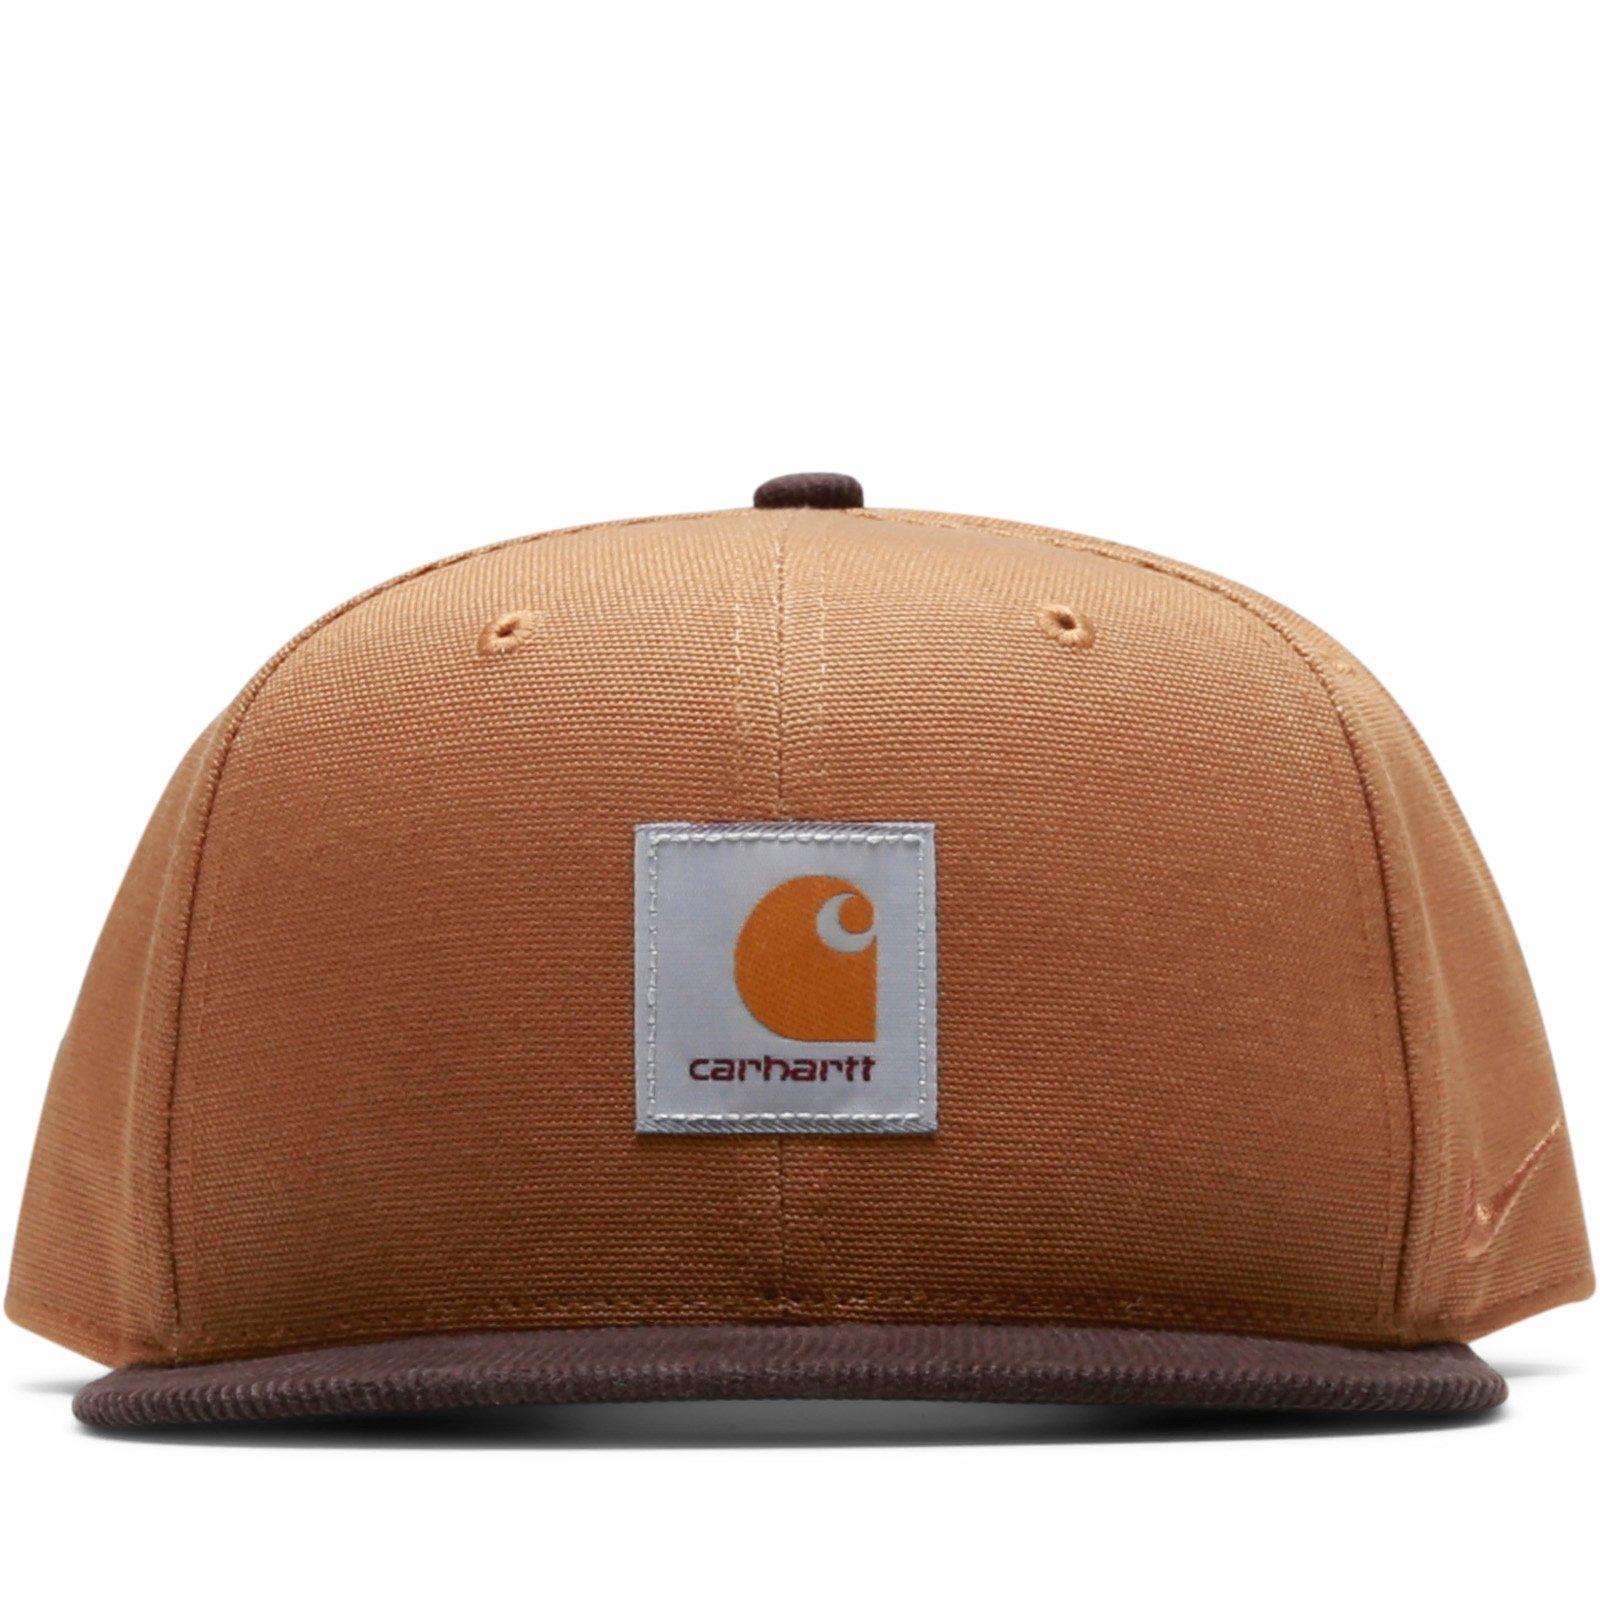 Lyst - Nike X Carhartt W.i.p. U Nrg Pro Cap in Brown 3e553a1cb130